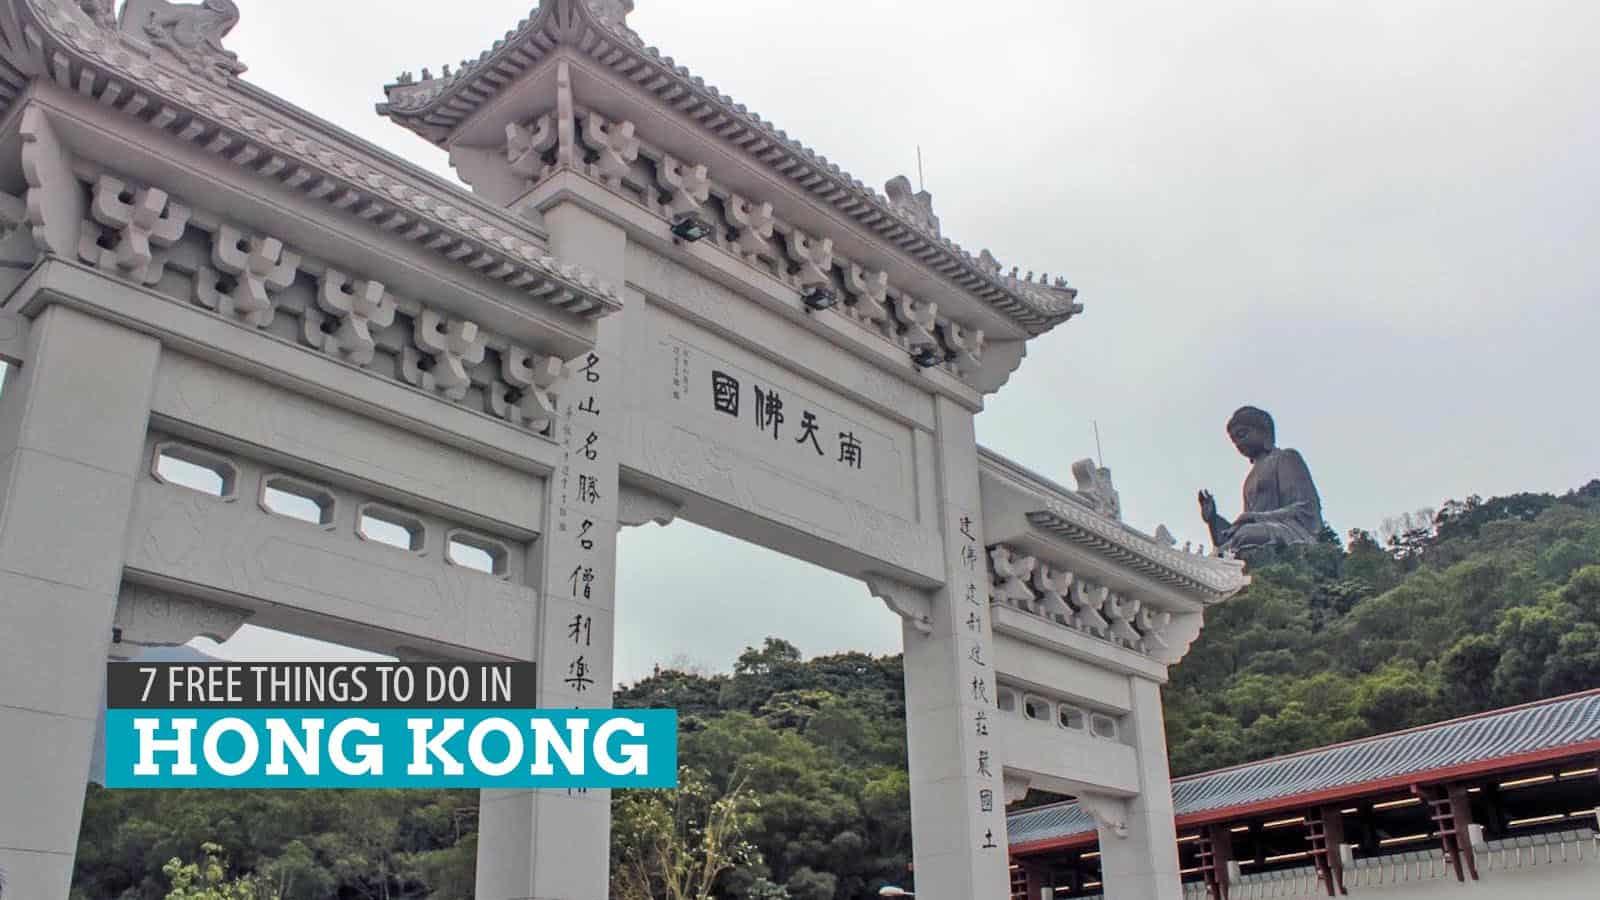 香港的7个免费活动   穷游者的行程安排博客